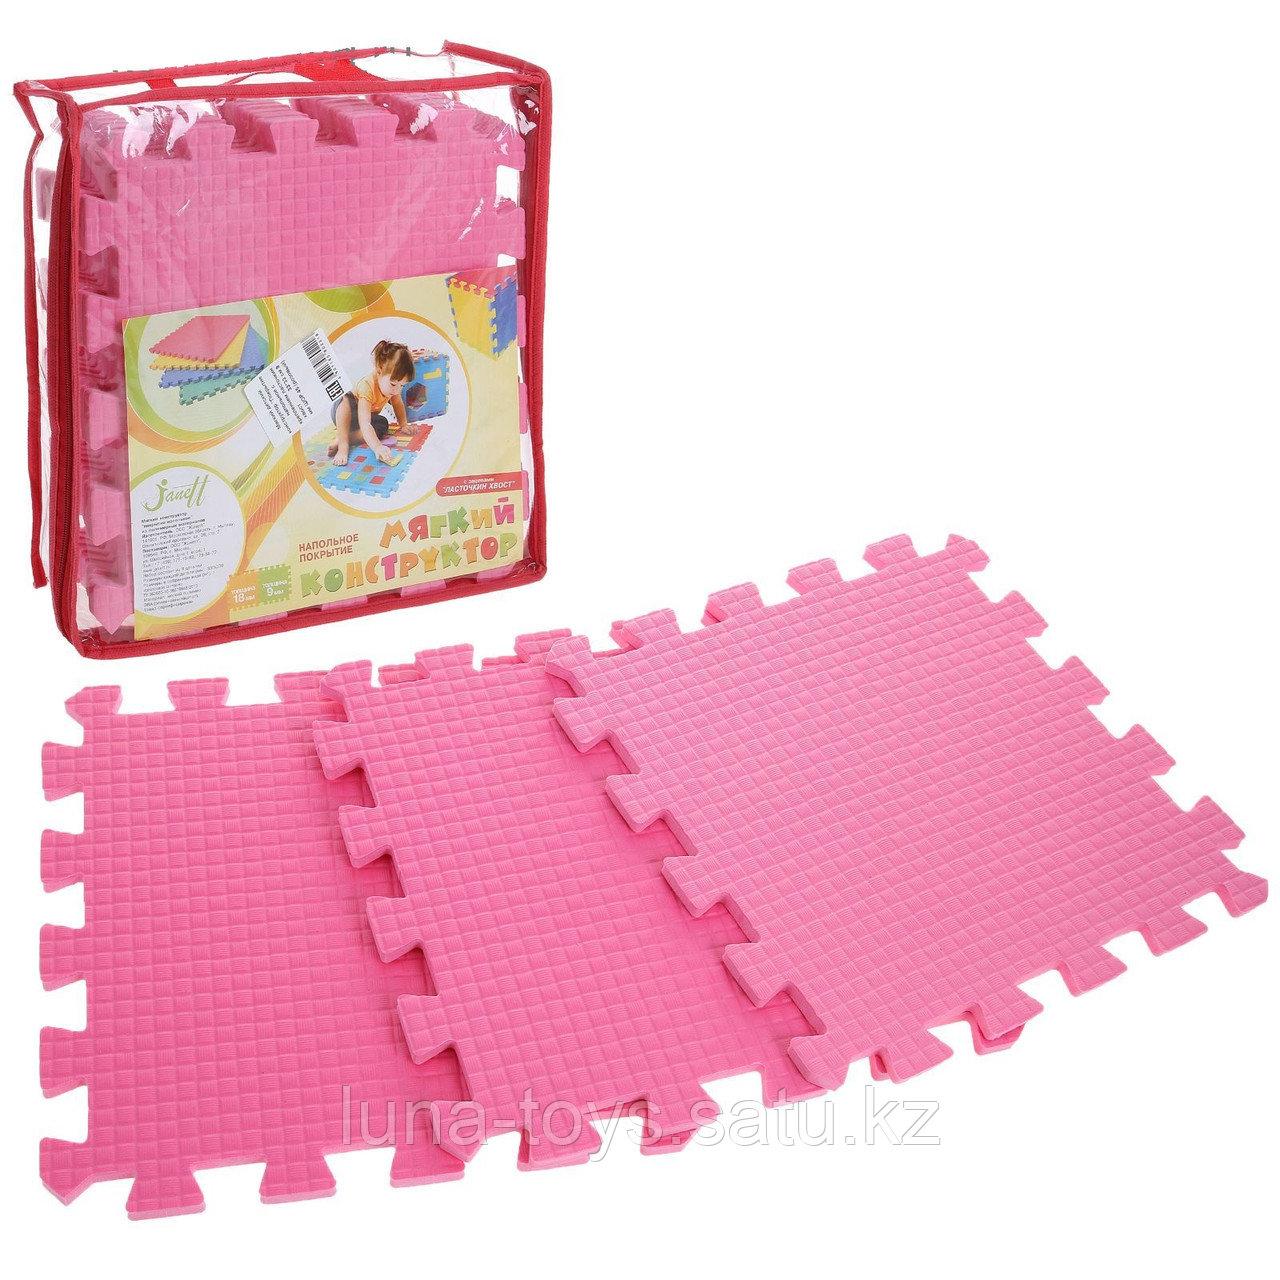 Детский коврик-пазл (мягкий), 9 элементов, толщина 0,9 см, цвет розовый